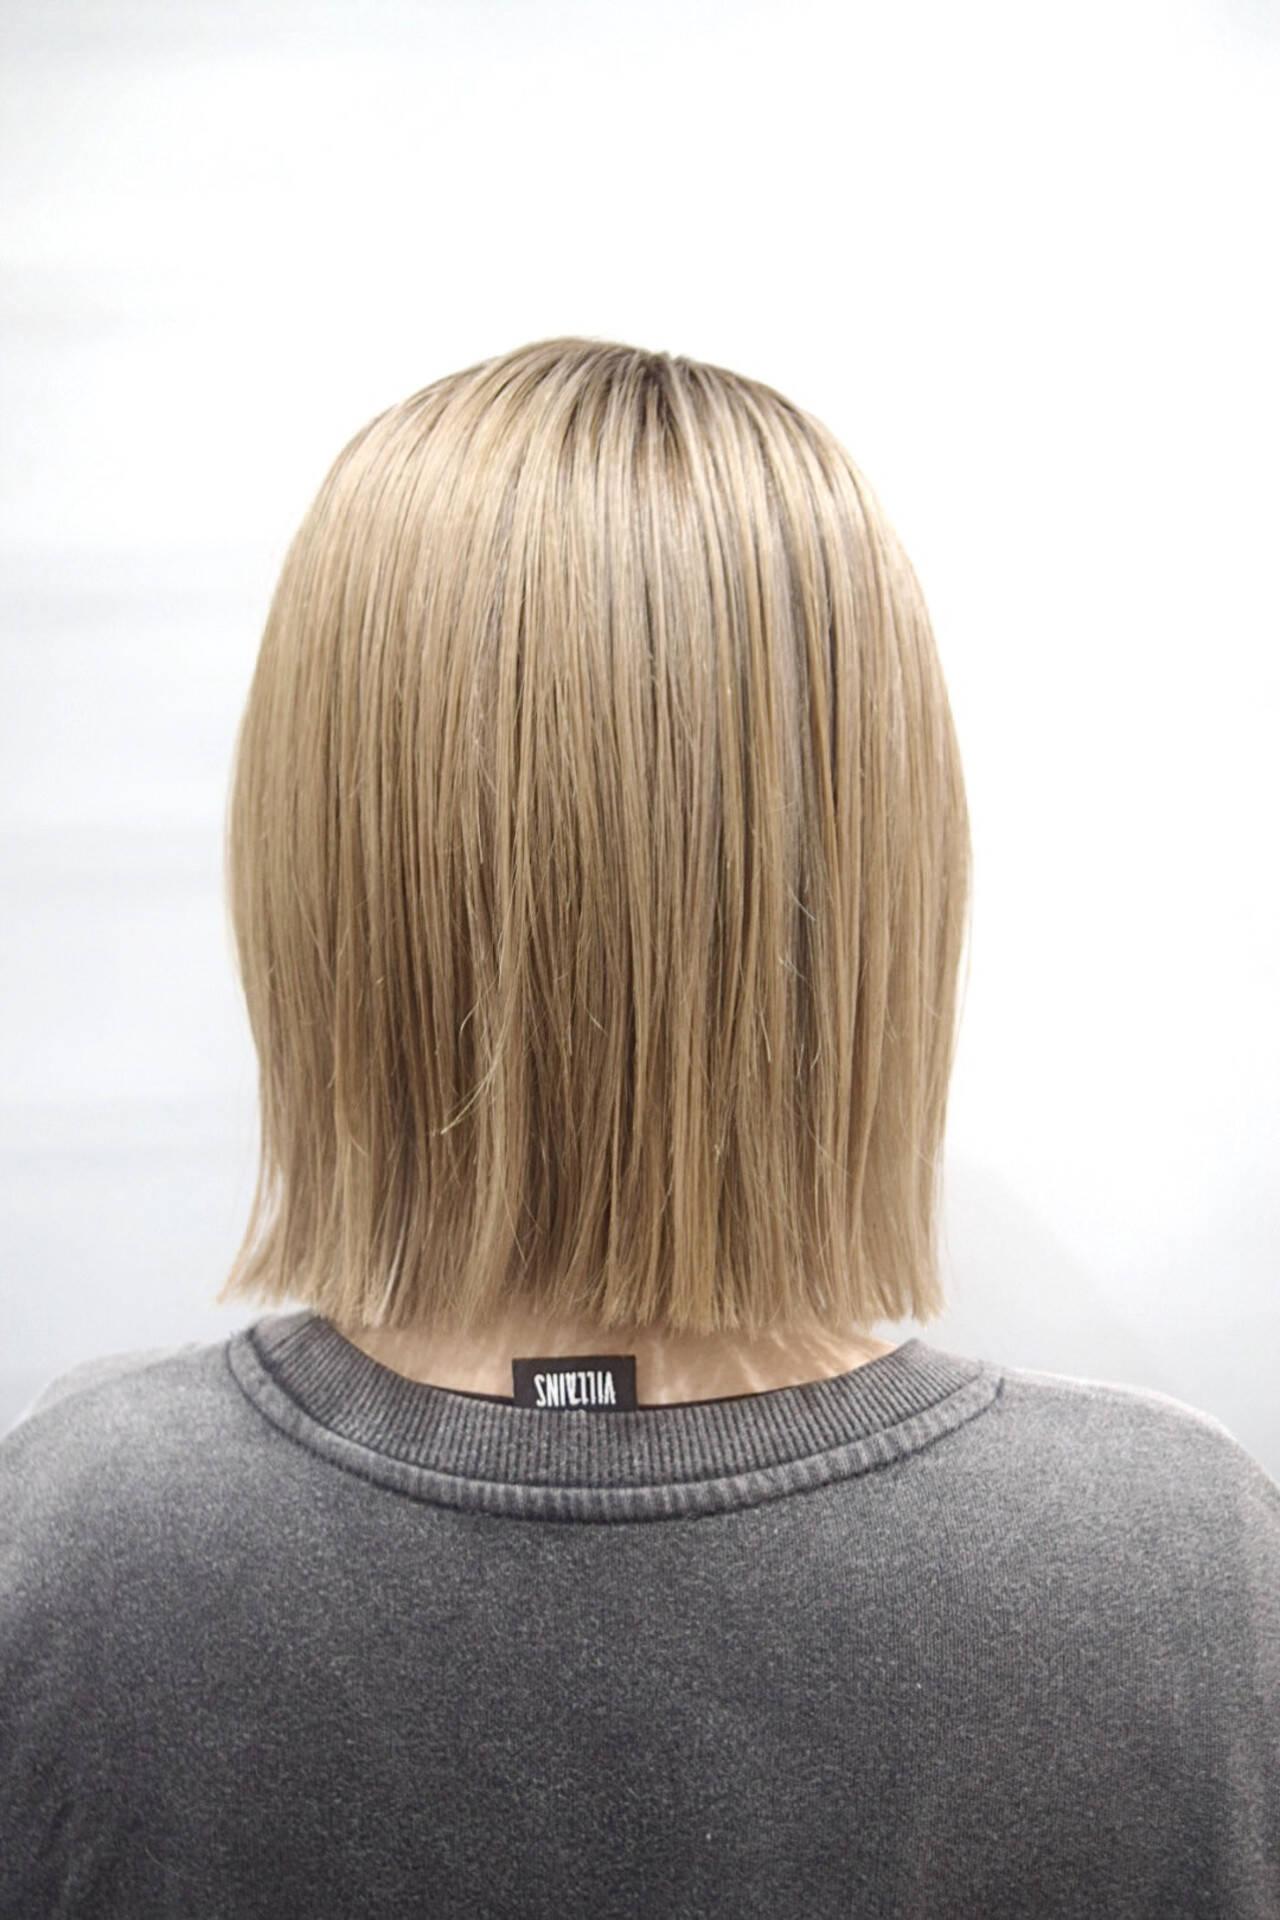 ハイトーンカラー ボブ ホワイトベージュ ナチュラルヘアスタイルや髪型の写真・画像